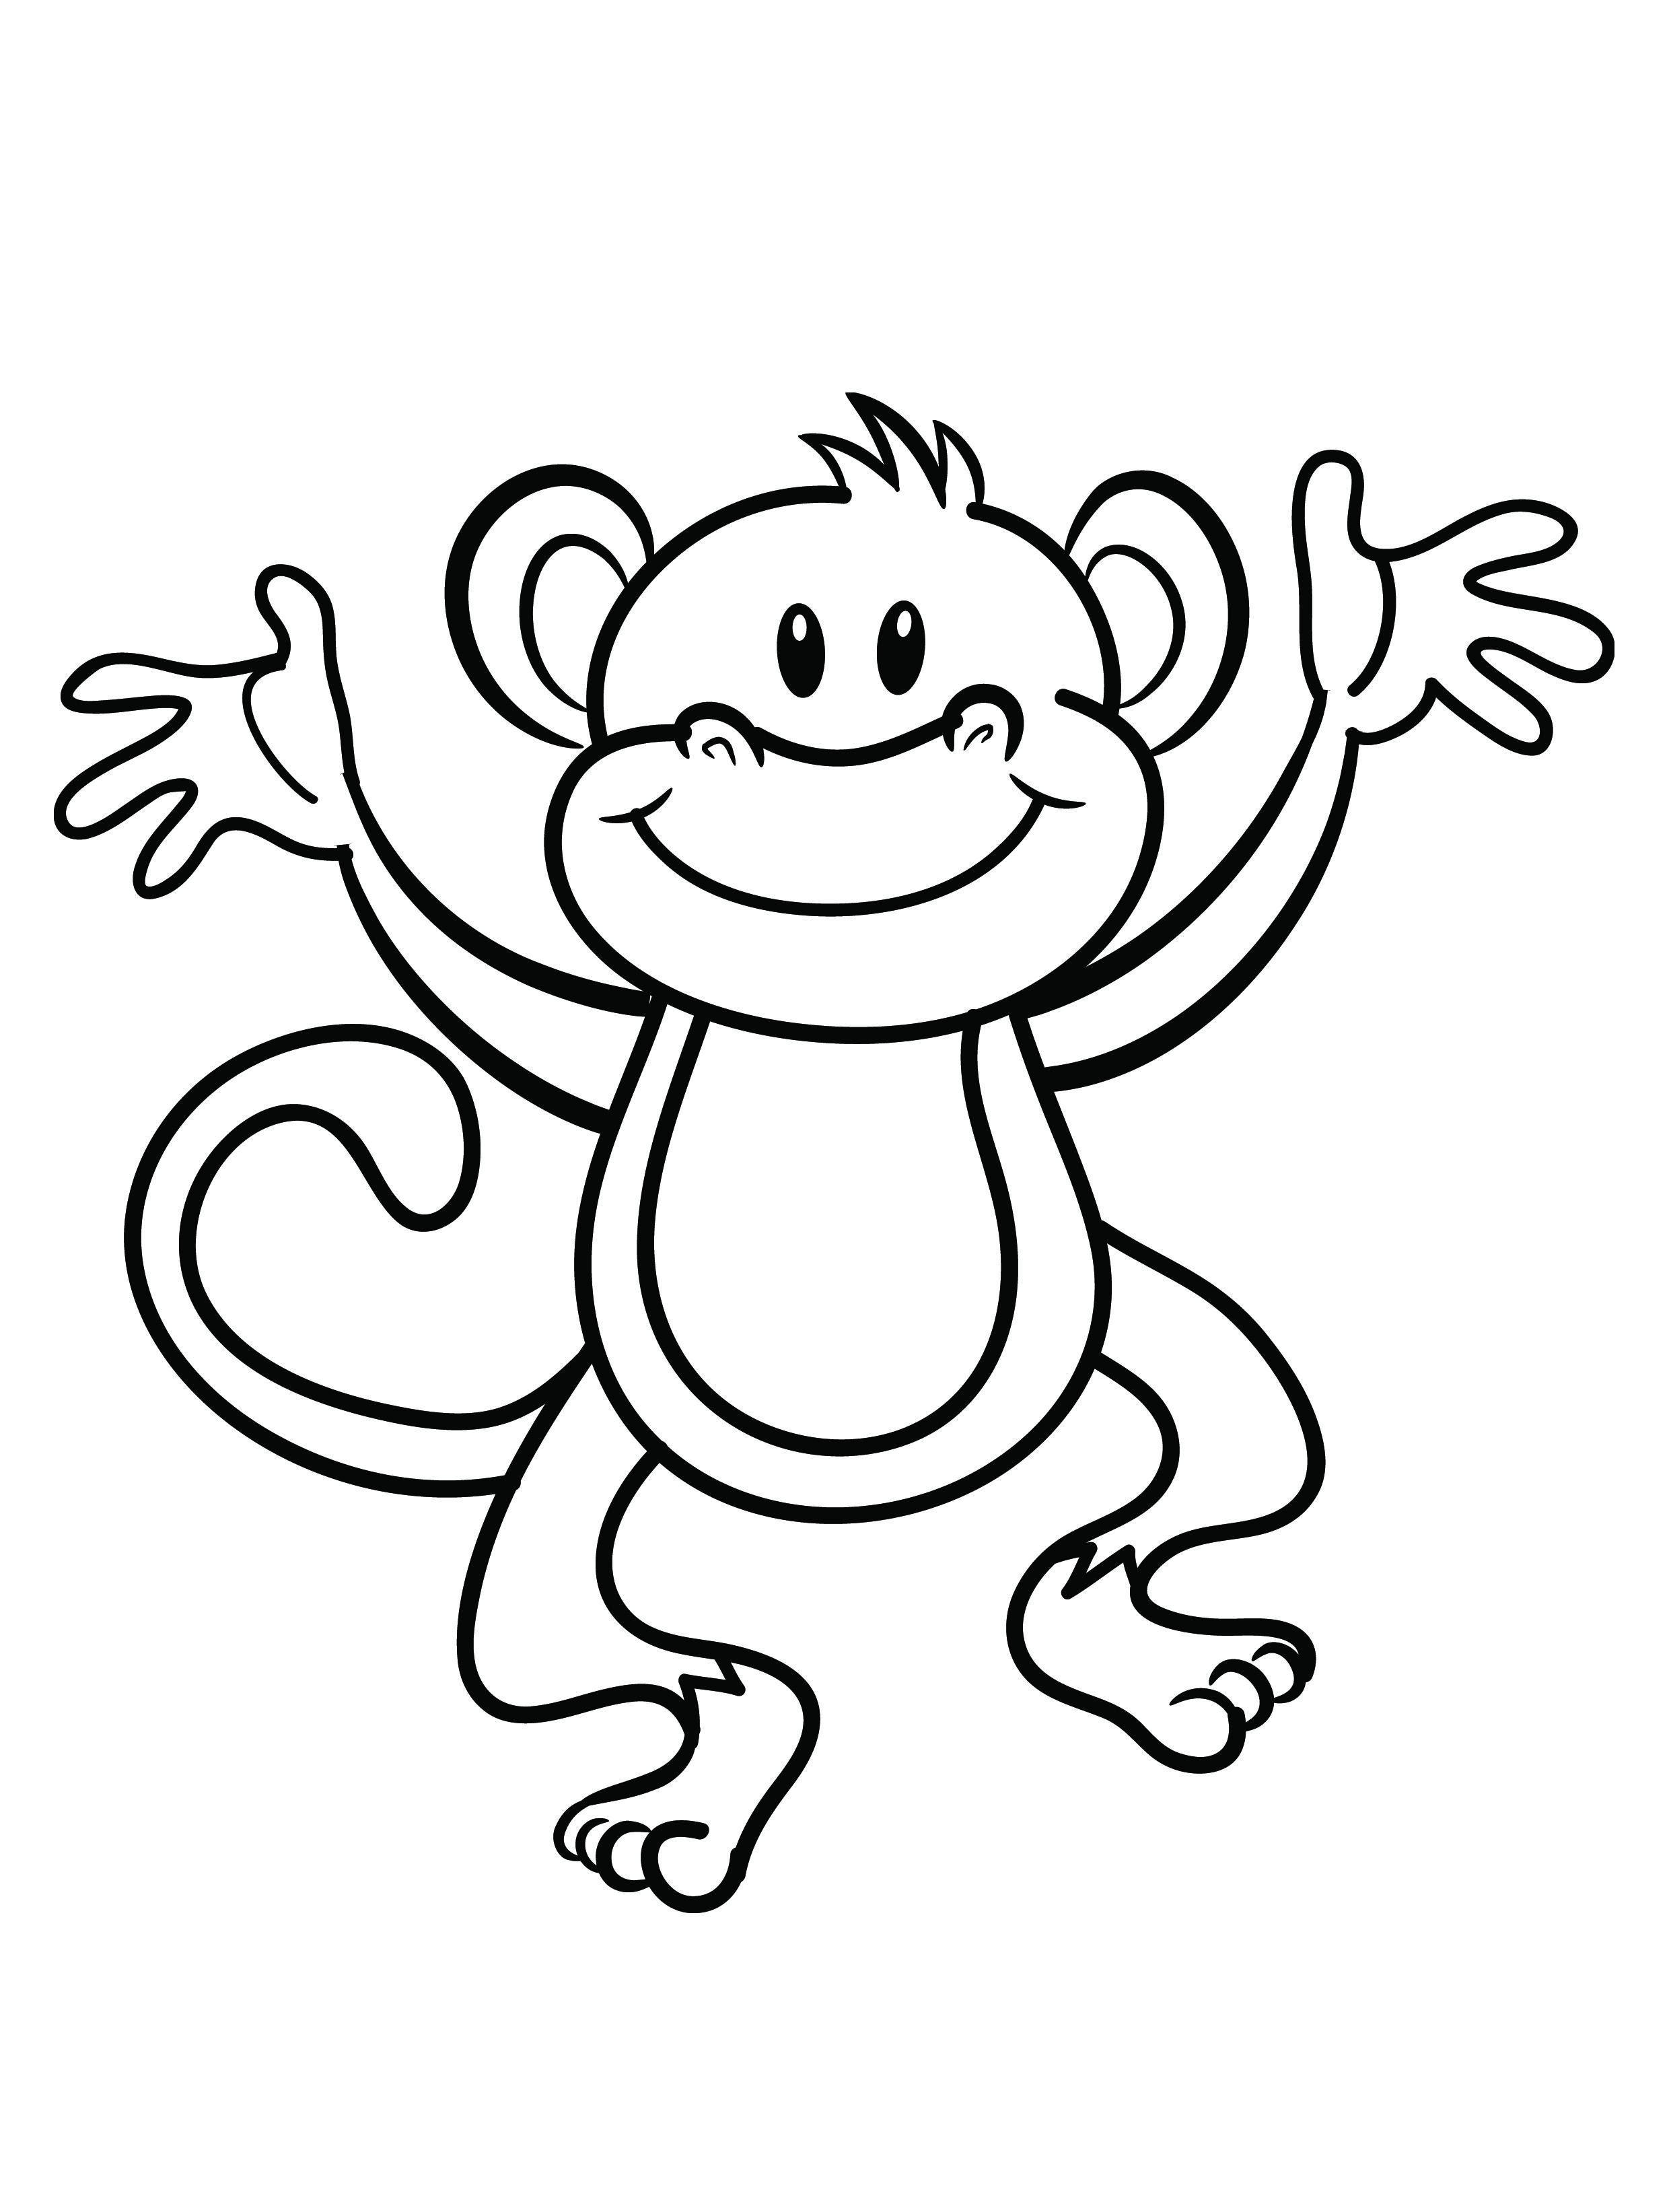 Monkey Coloring Pages For Kids động Vật Bản Phat Họa Phat Họa